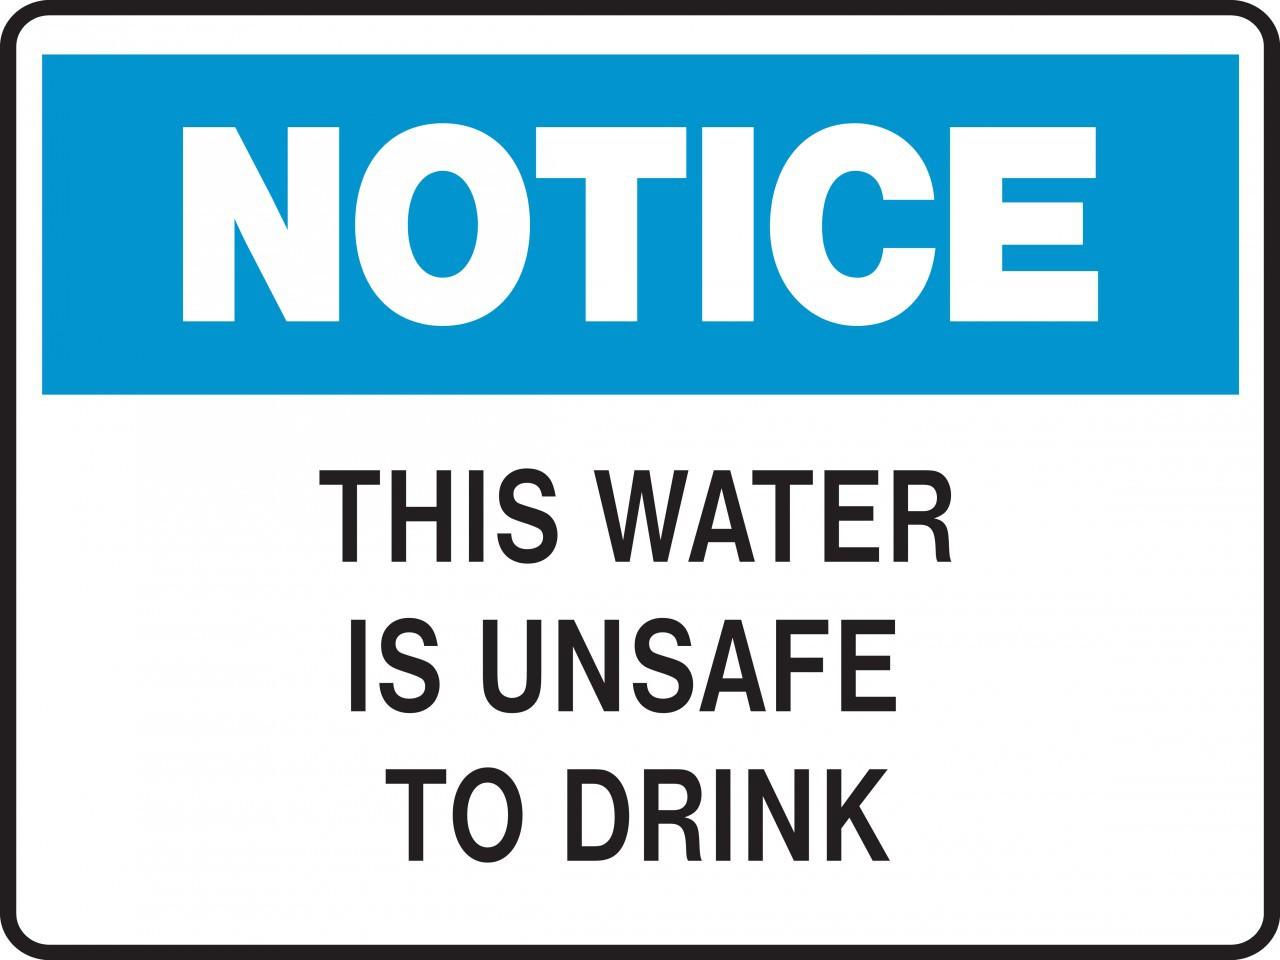 Αμερικάνοι μπορεί να πίνουν μολυσμένο νερό